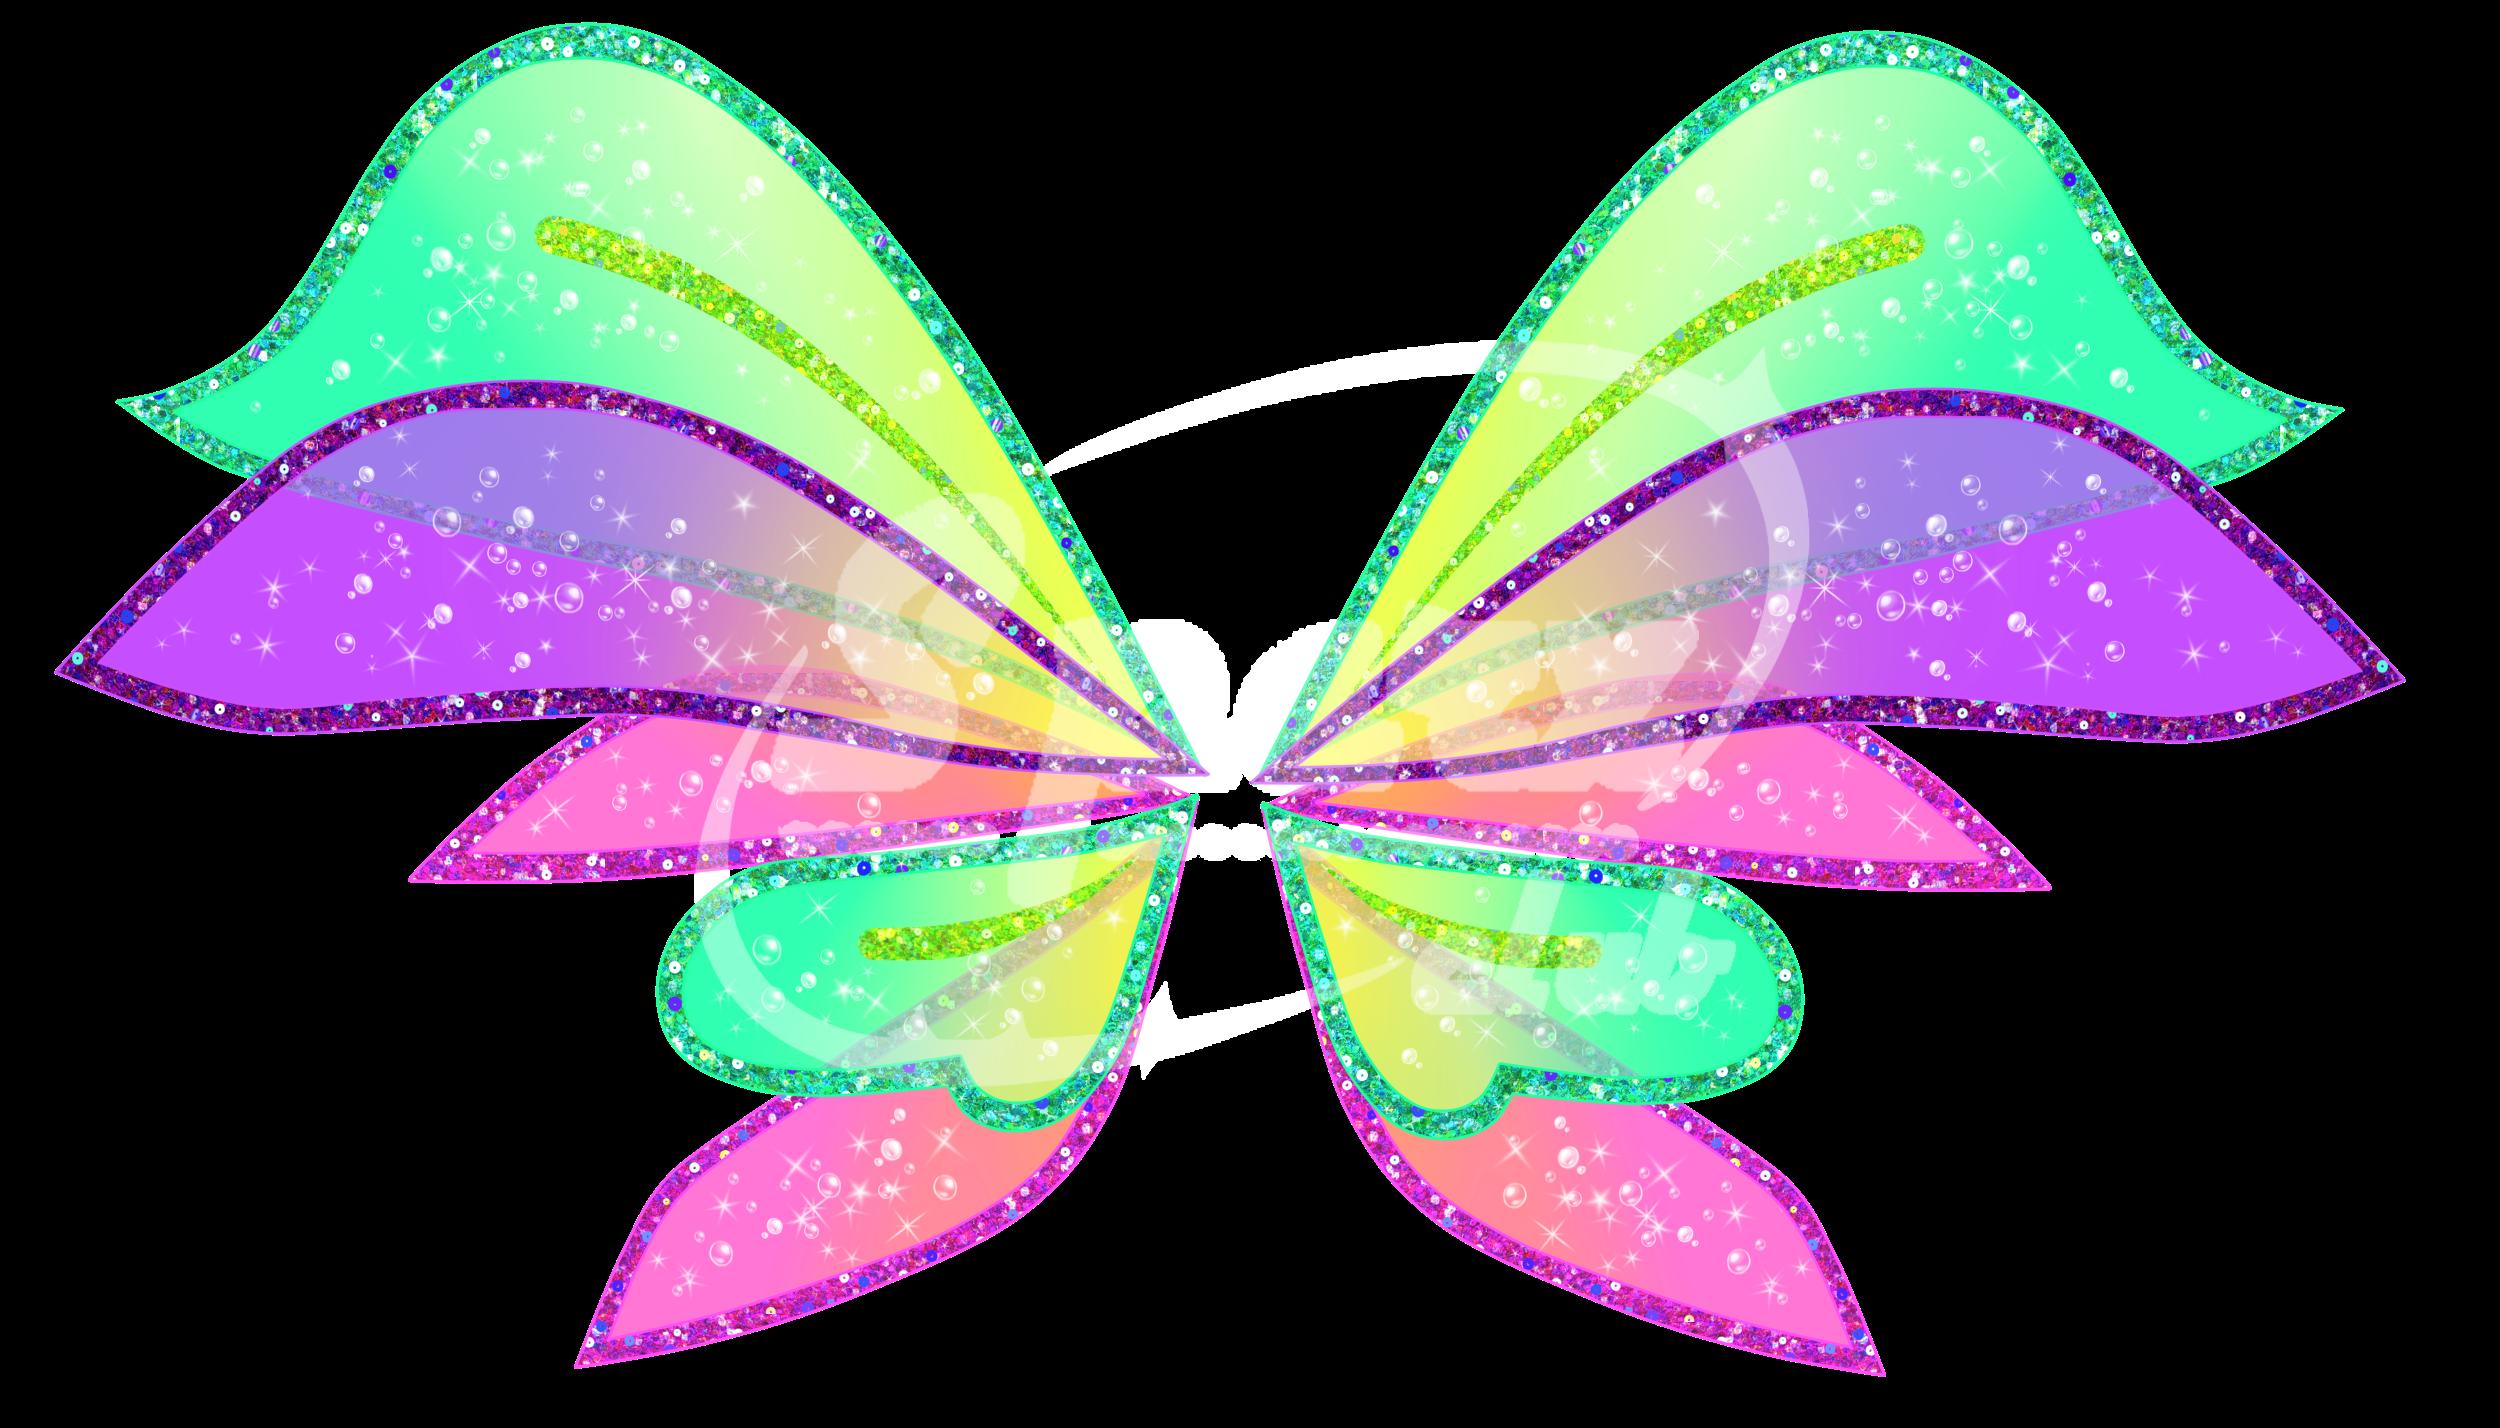 Luxa's Harmonix wings by werunchick on DeviantArt.